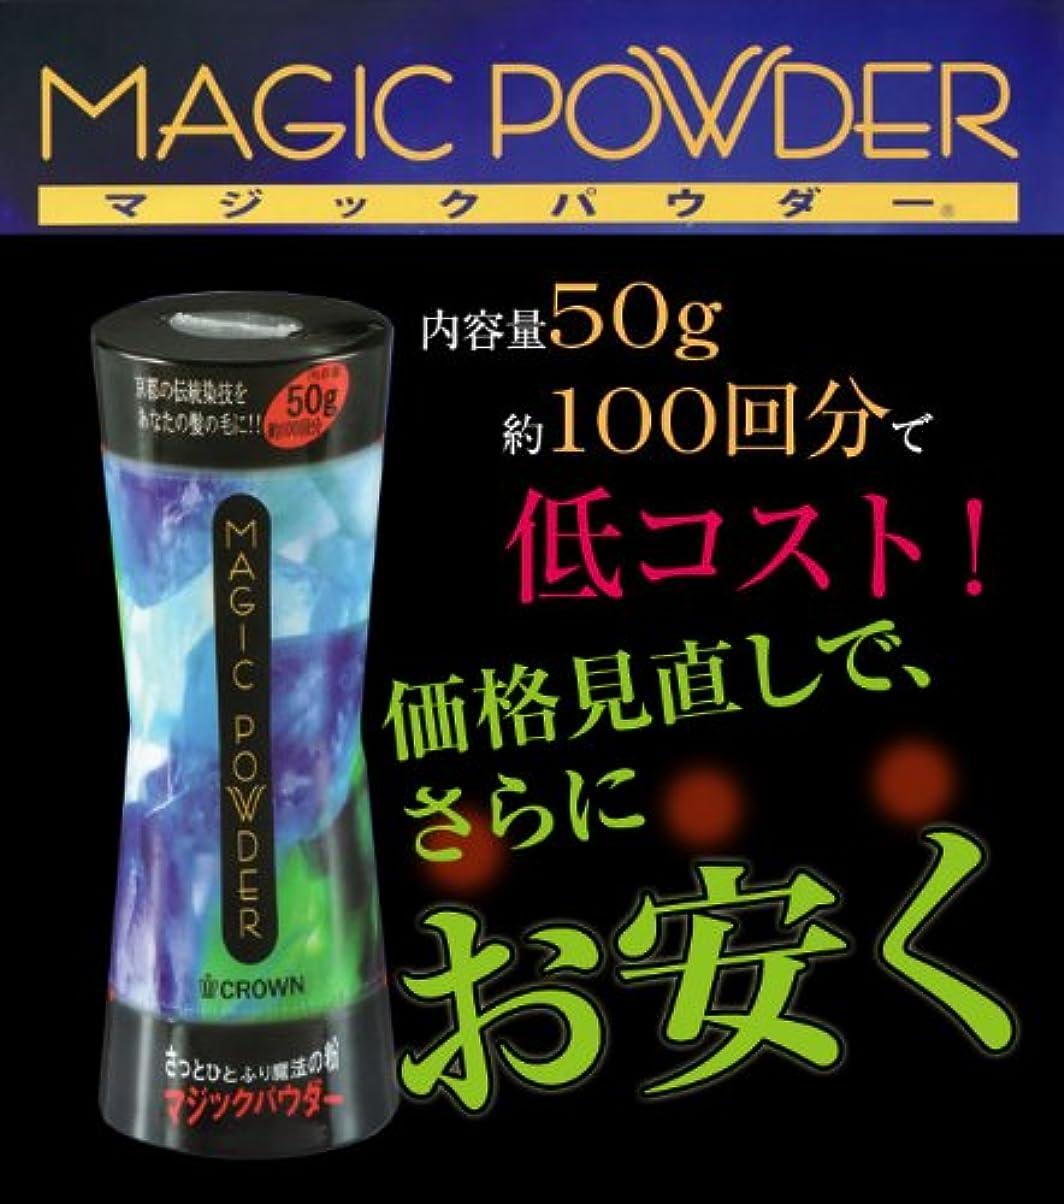 クックくそーネットマジックパウダー 50g 【ブラック】【約100回分】【男女兼用】【MAGIC POWDER】薄毛隠し